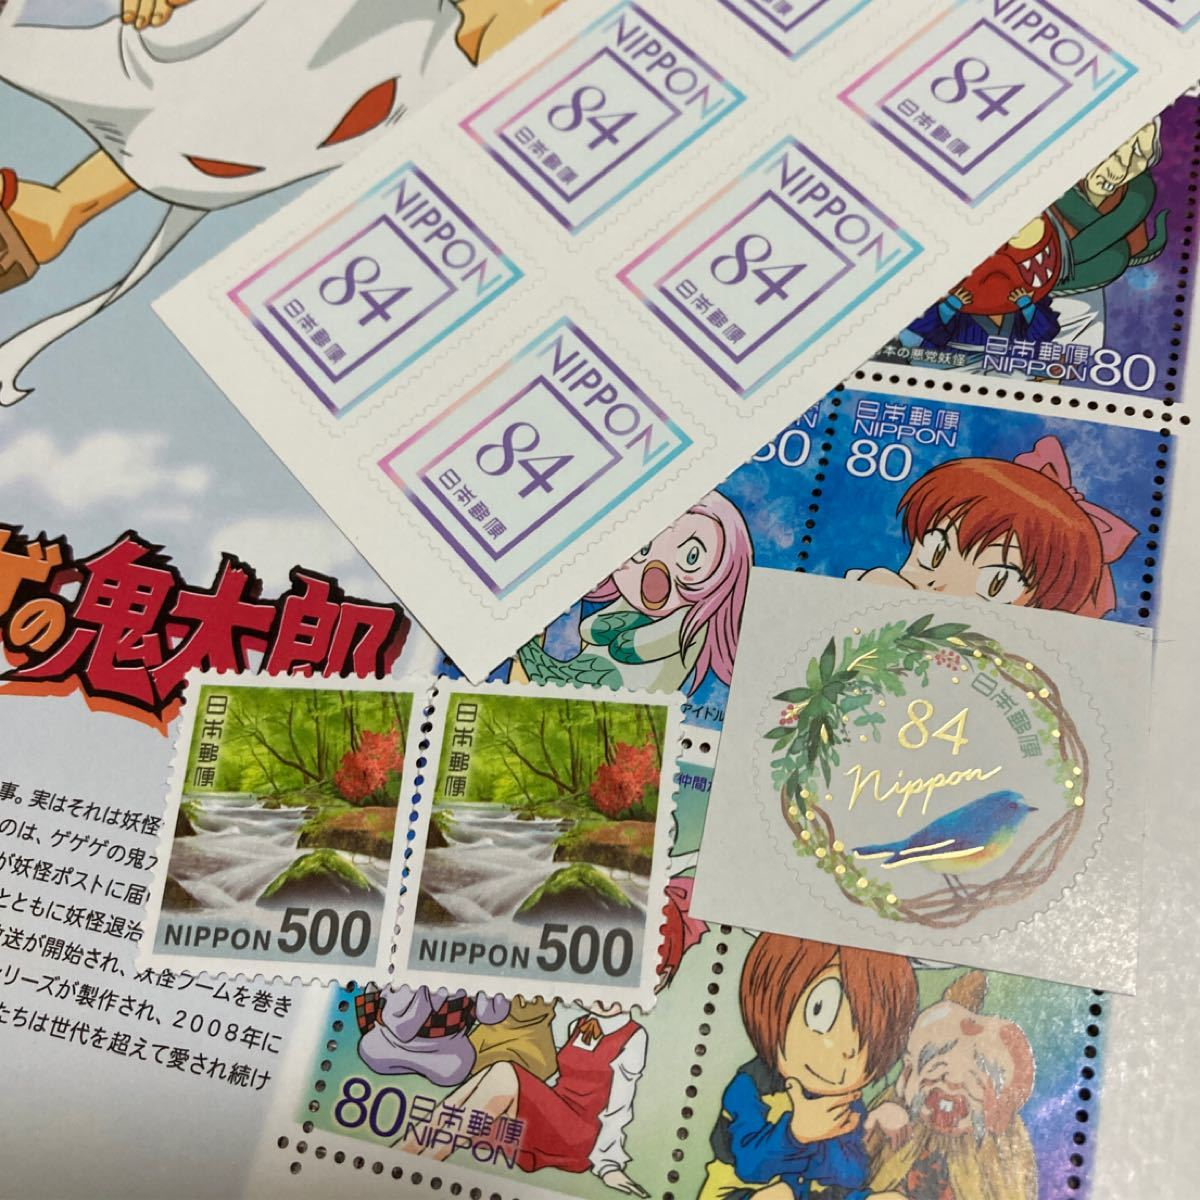 切手シート ムーミン シール 限定 お花 ゲゲゲの鬼太郎 デザイン切手 アニメ 安い 激安 額面割れ クーポン